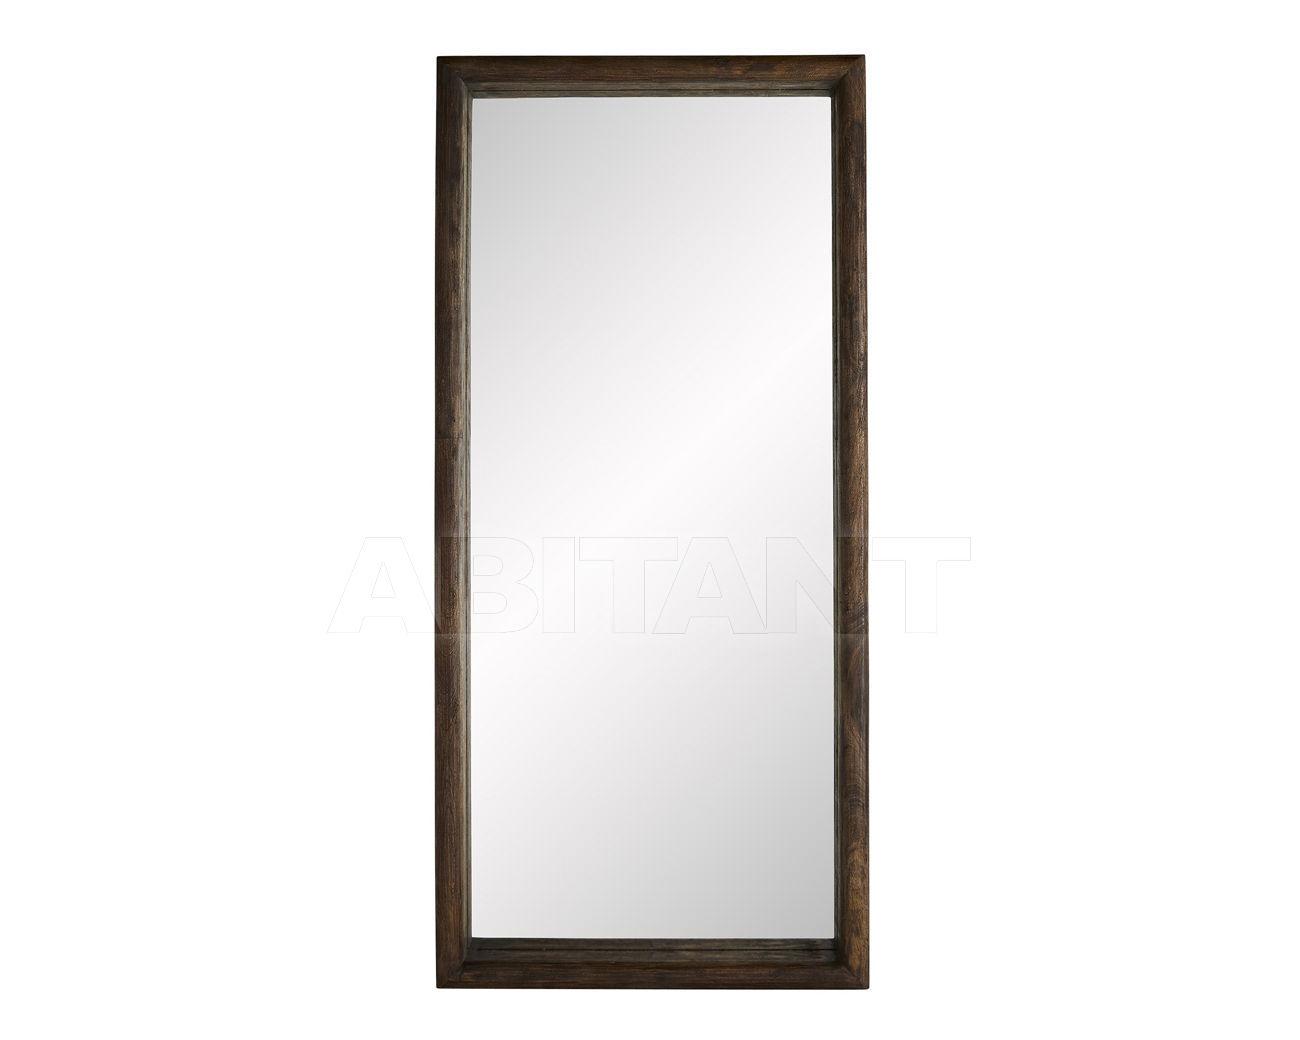 Купить Зеркало настенное Lesley Arteriors Home  MIRRORS 6932